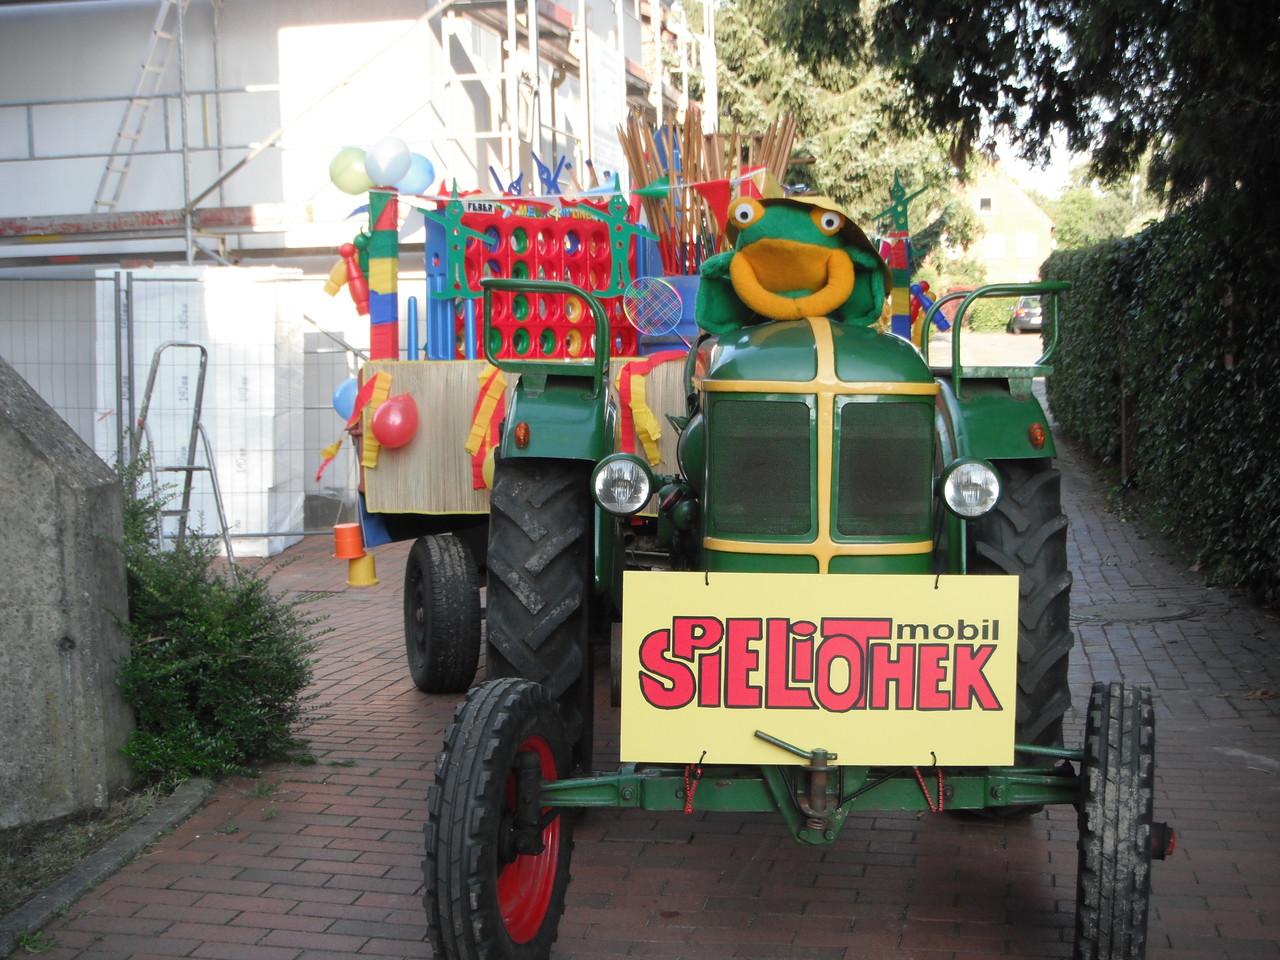 Kinderfest-Mobil